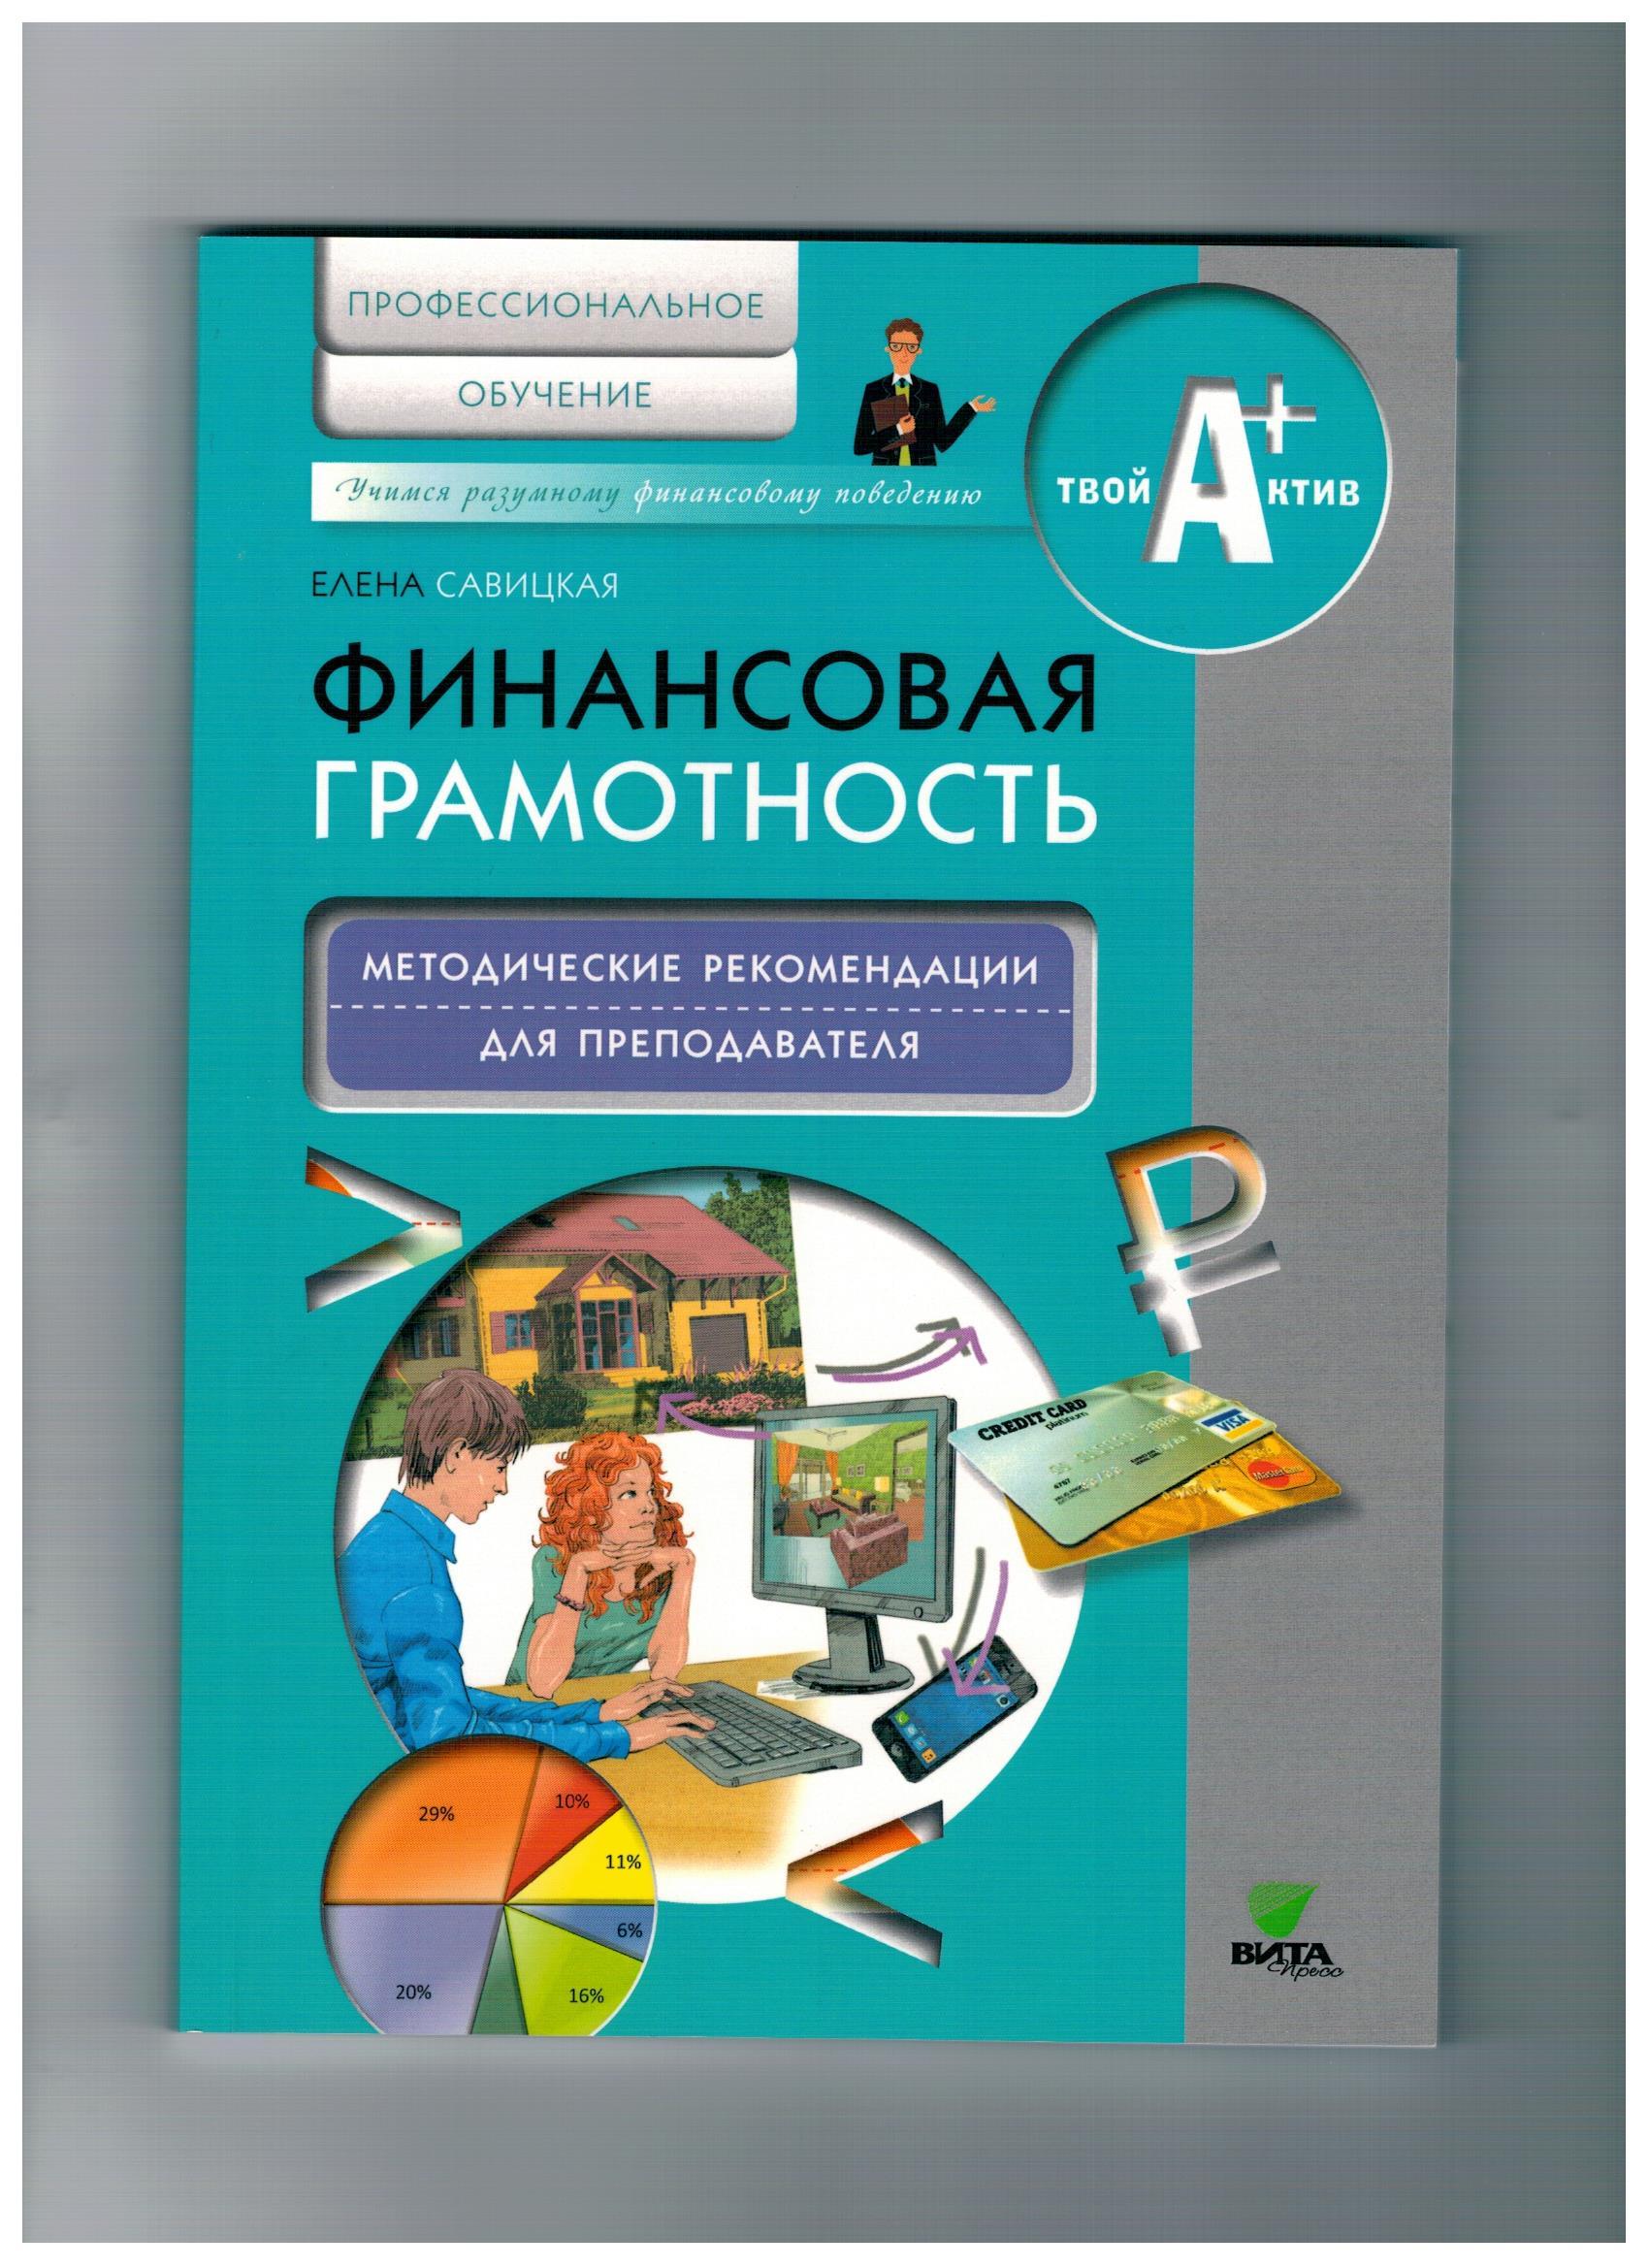 Финансовая грамотность: методические рекомендации для преподавателя. Профессиональное обучение